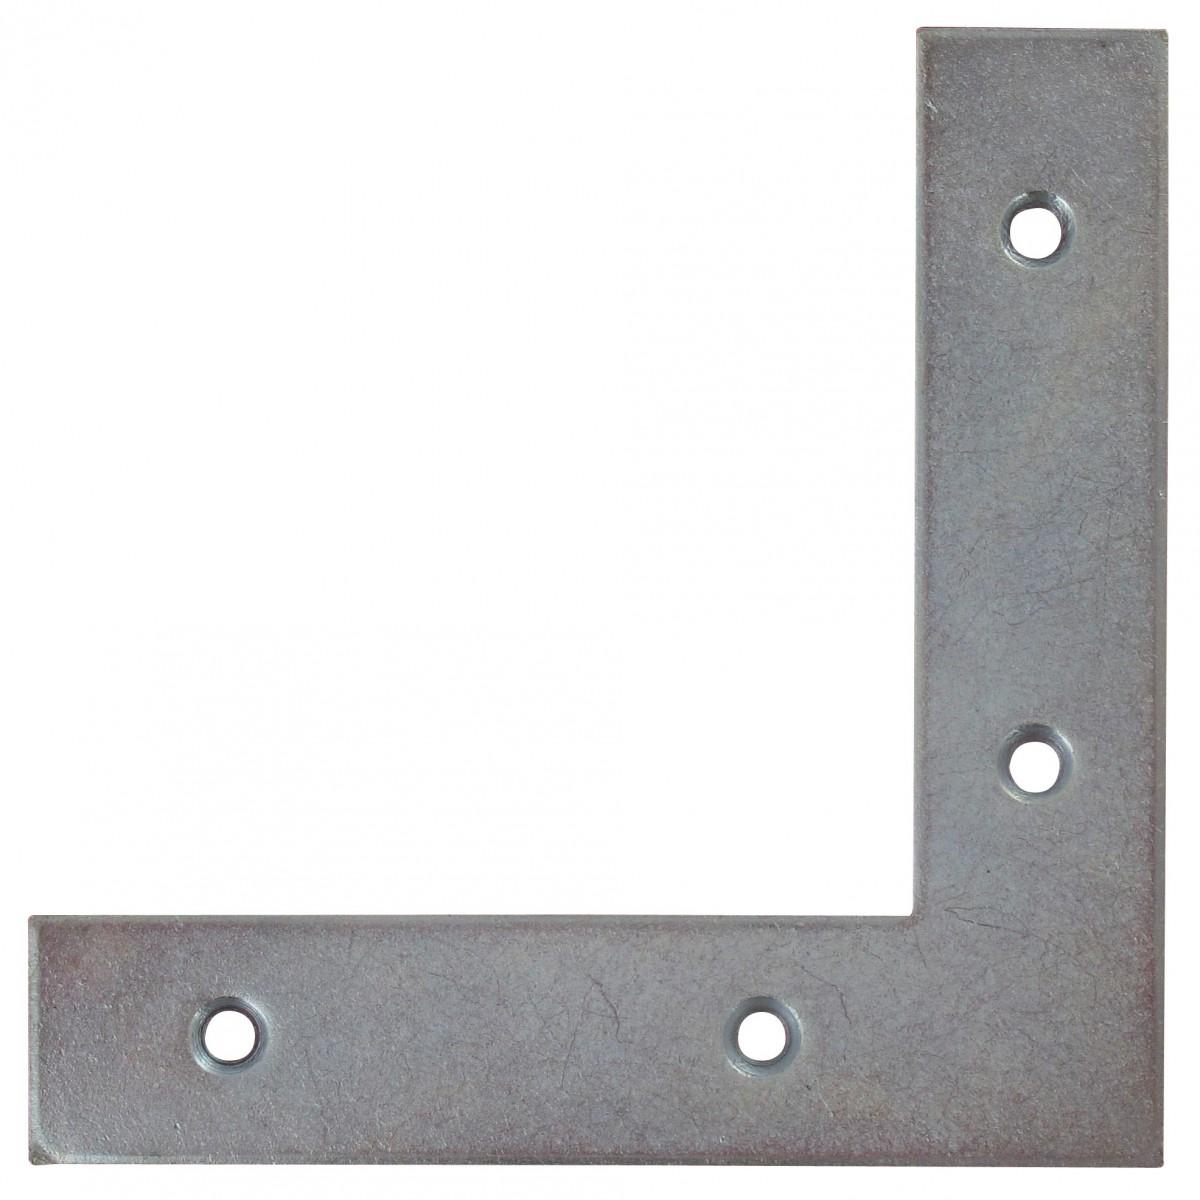 Equerre de fenêtre bouts carrés acier zingué Jardinier Massard - Dimensions 19 x 19 cm